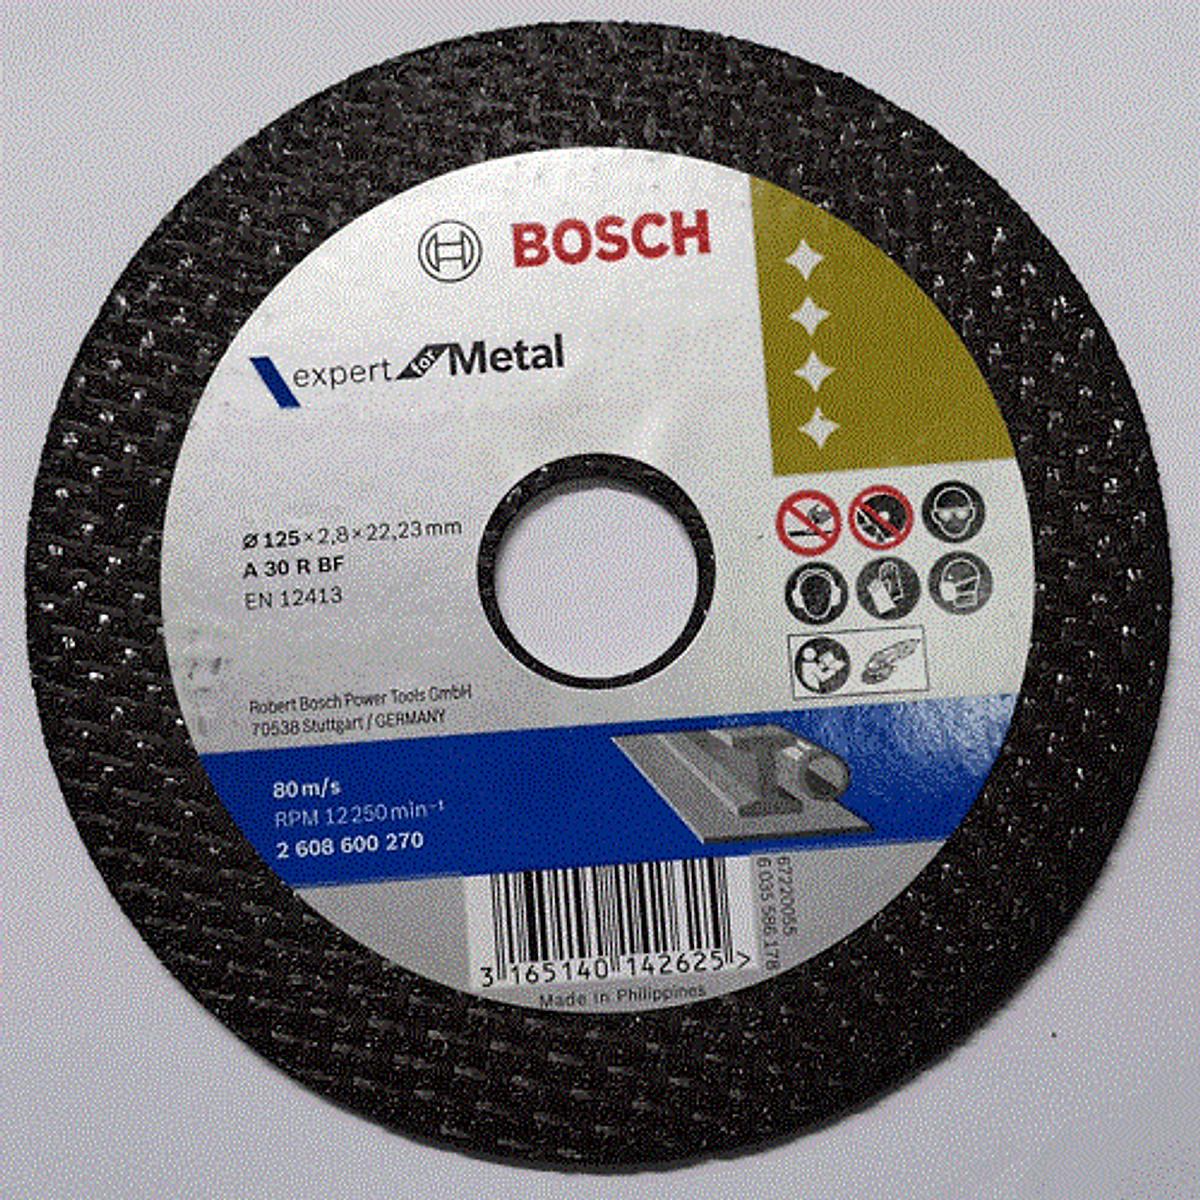 Đá cắt 305x3x22.2mm (sắt) - Expert for Metal 2608600276 Bosch